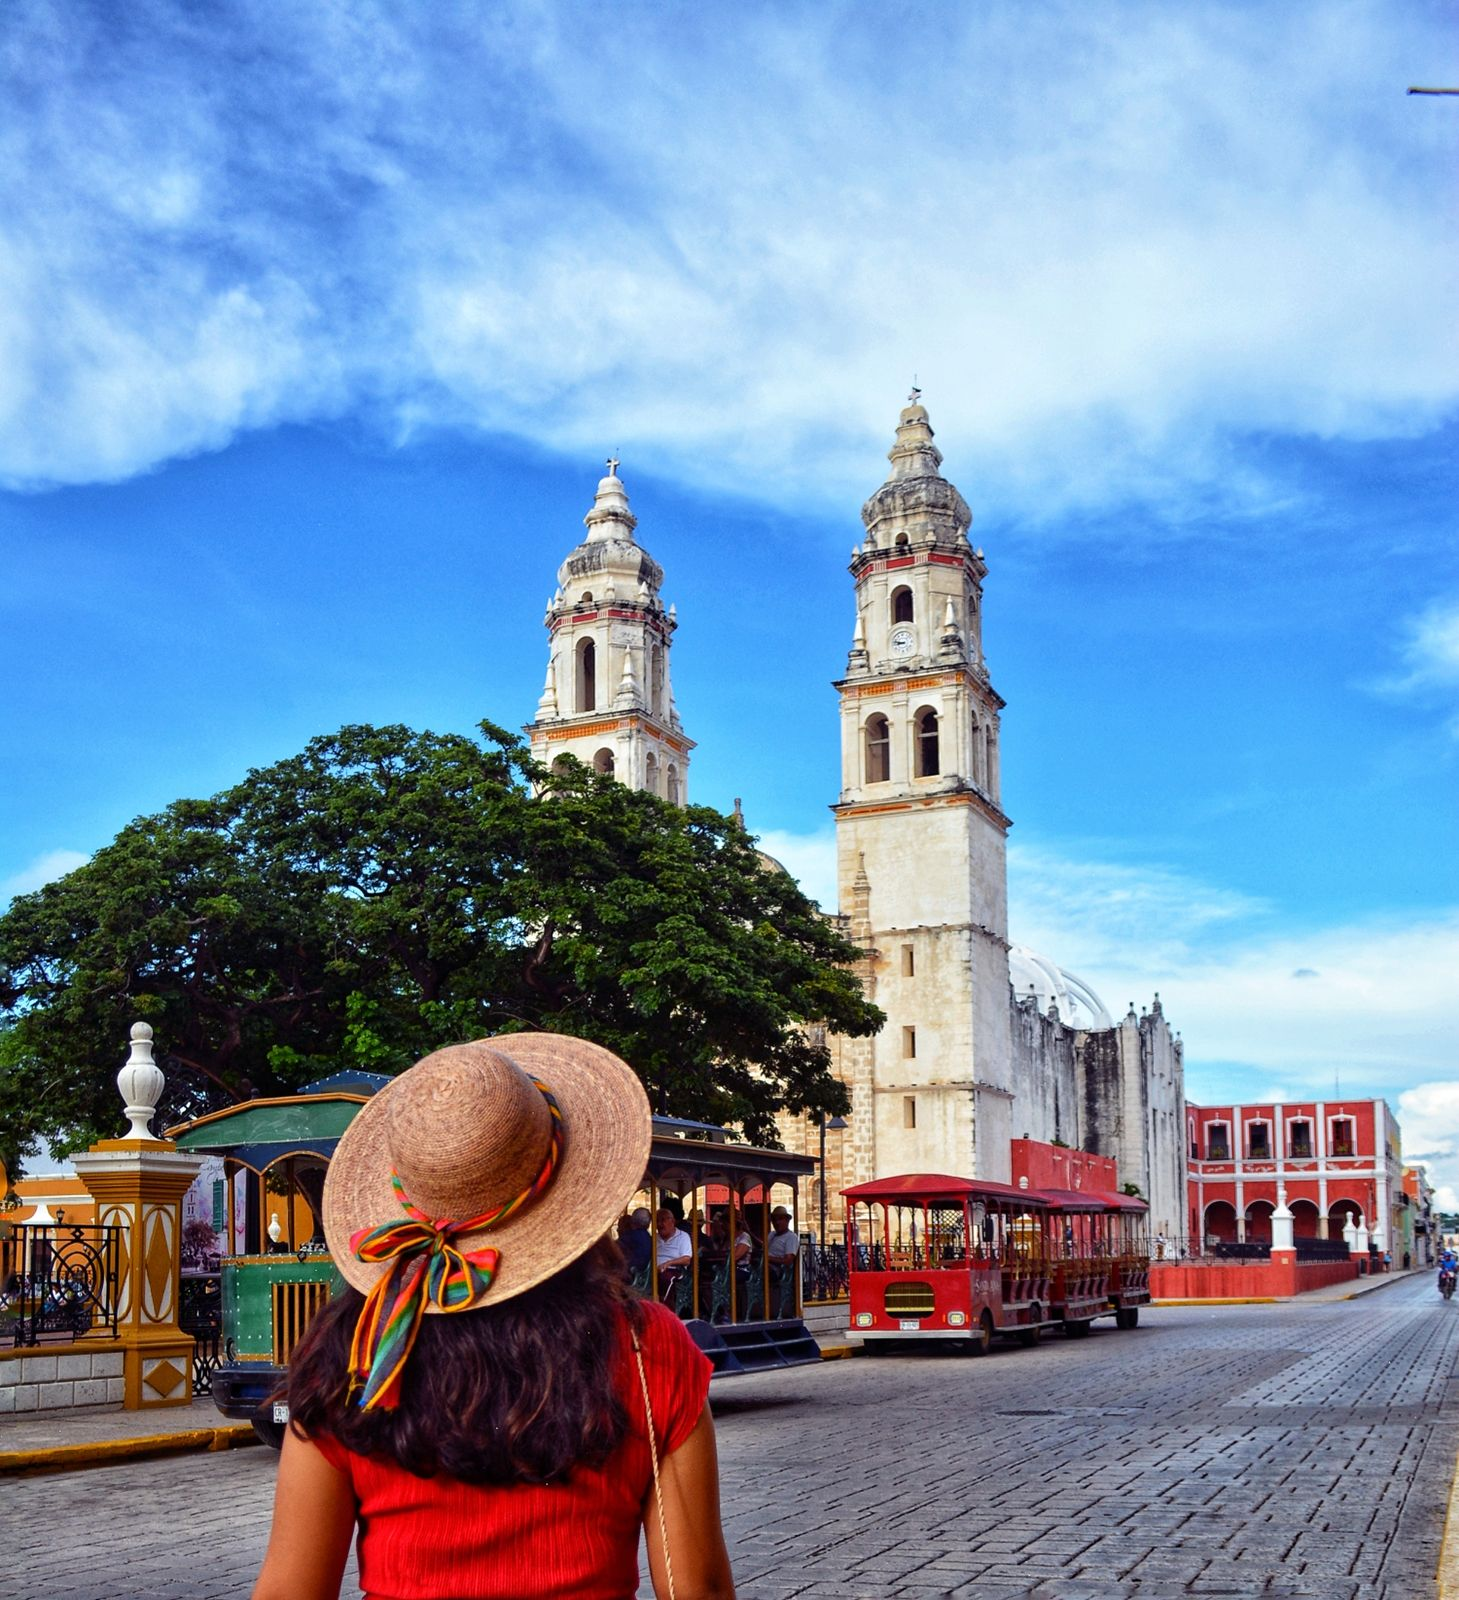 En Campeche, la vida parece ir a otro ritmo.